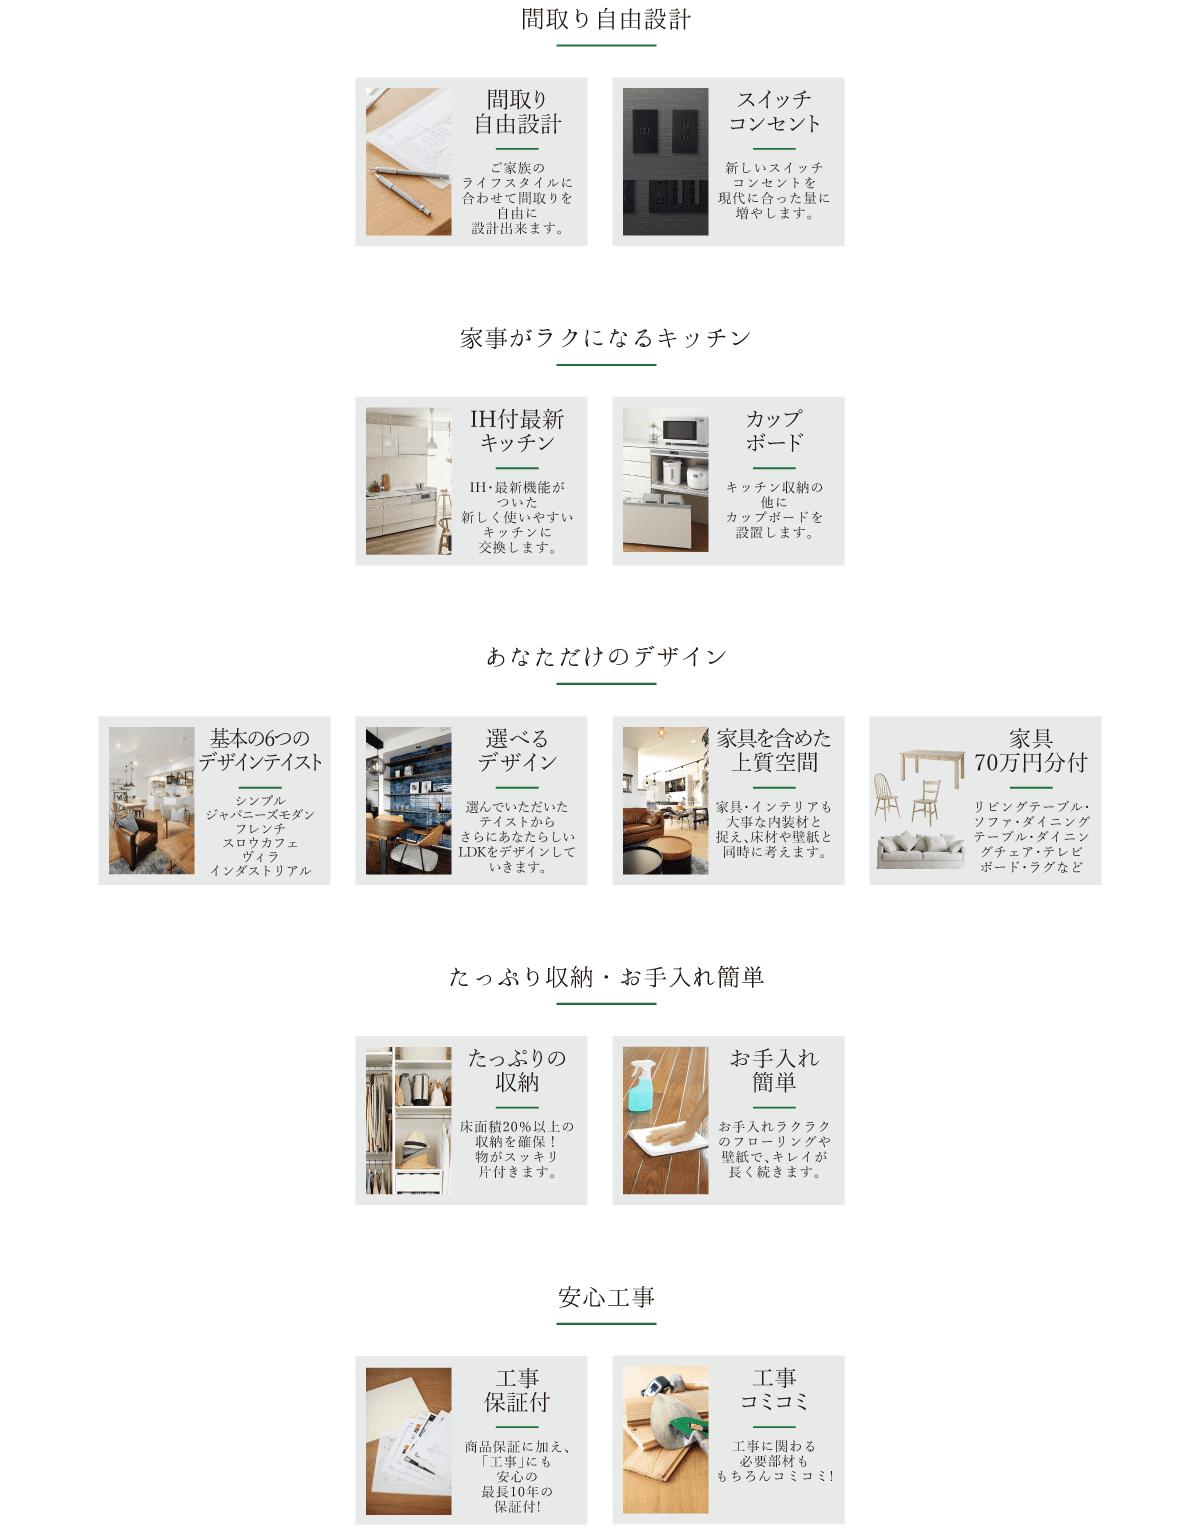 具体的なLDK定額制リフォームパックの内容をご紹介します。耐震補強・断熱材交換で住まいの性能向上として、見えないベースの部分から性能を向上させます。内装はフローリング仕上げや窓サッシ、建具・照明器具をの一新します。また、間取りを自由に設計できるのでご家族のライフスタイルに合わせることができます。さらに家事が楽になるキッチンで家事が時短できます。LDK全体のデザインは6つのデザインテイストからお好きなデザインを選んでいただき、さらにあなたらしいLDKをデザインします。そのために家具を含めて空間をデザインします。家具70万円分付きでとてもお得です。収納も充実していたり、床のお手入れも簡単にできたりするので、お部屋がキレイな状態が続きます。